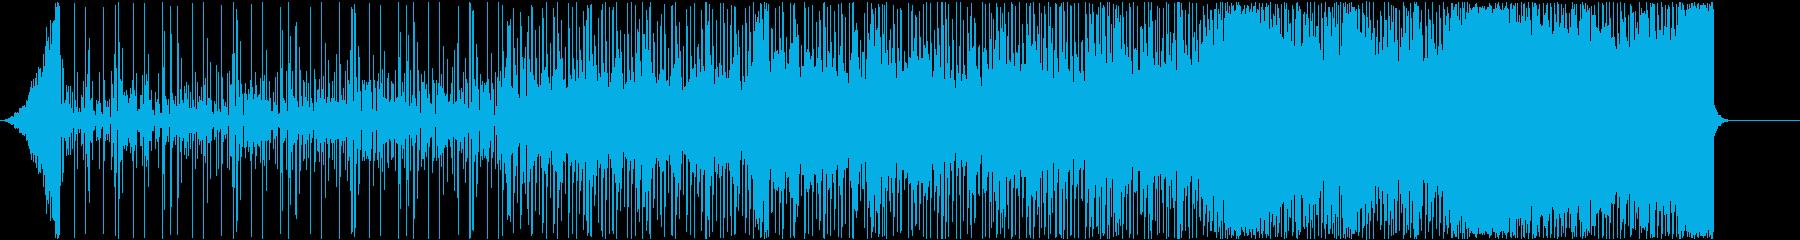 ジャングルを疾走するようなOP BGMの再生済みの波形